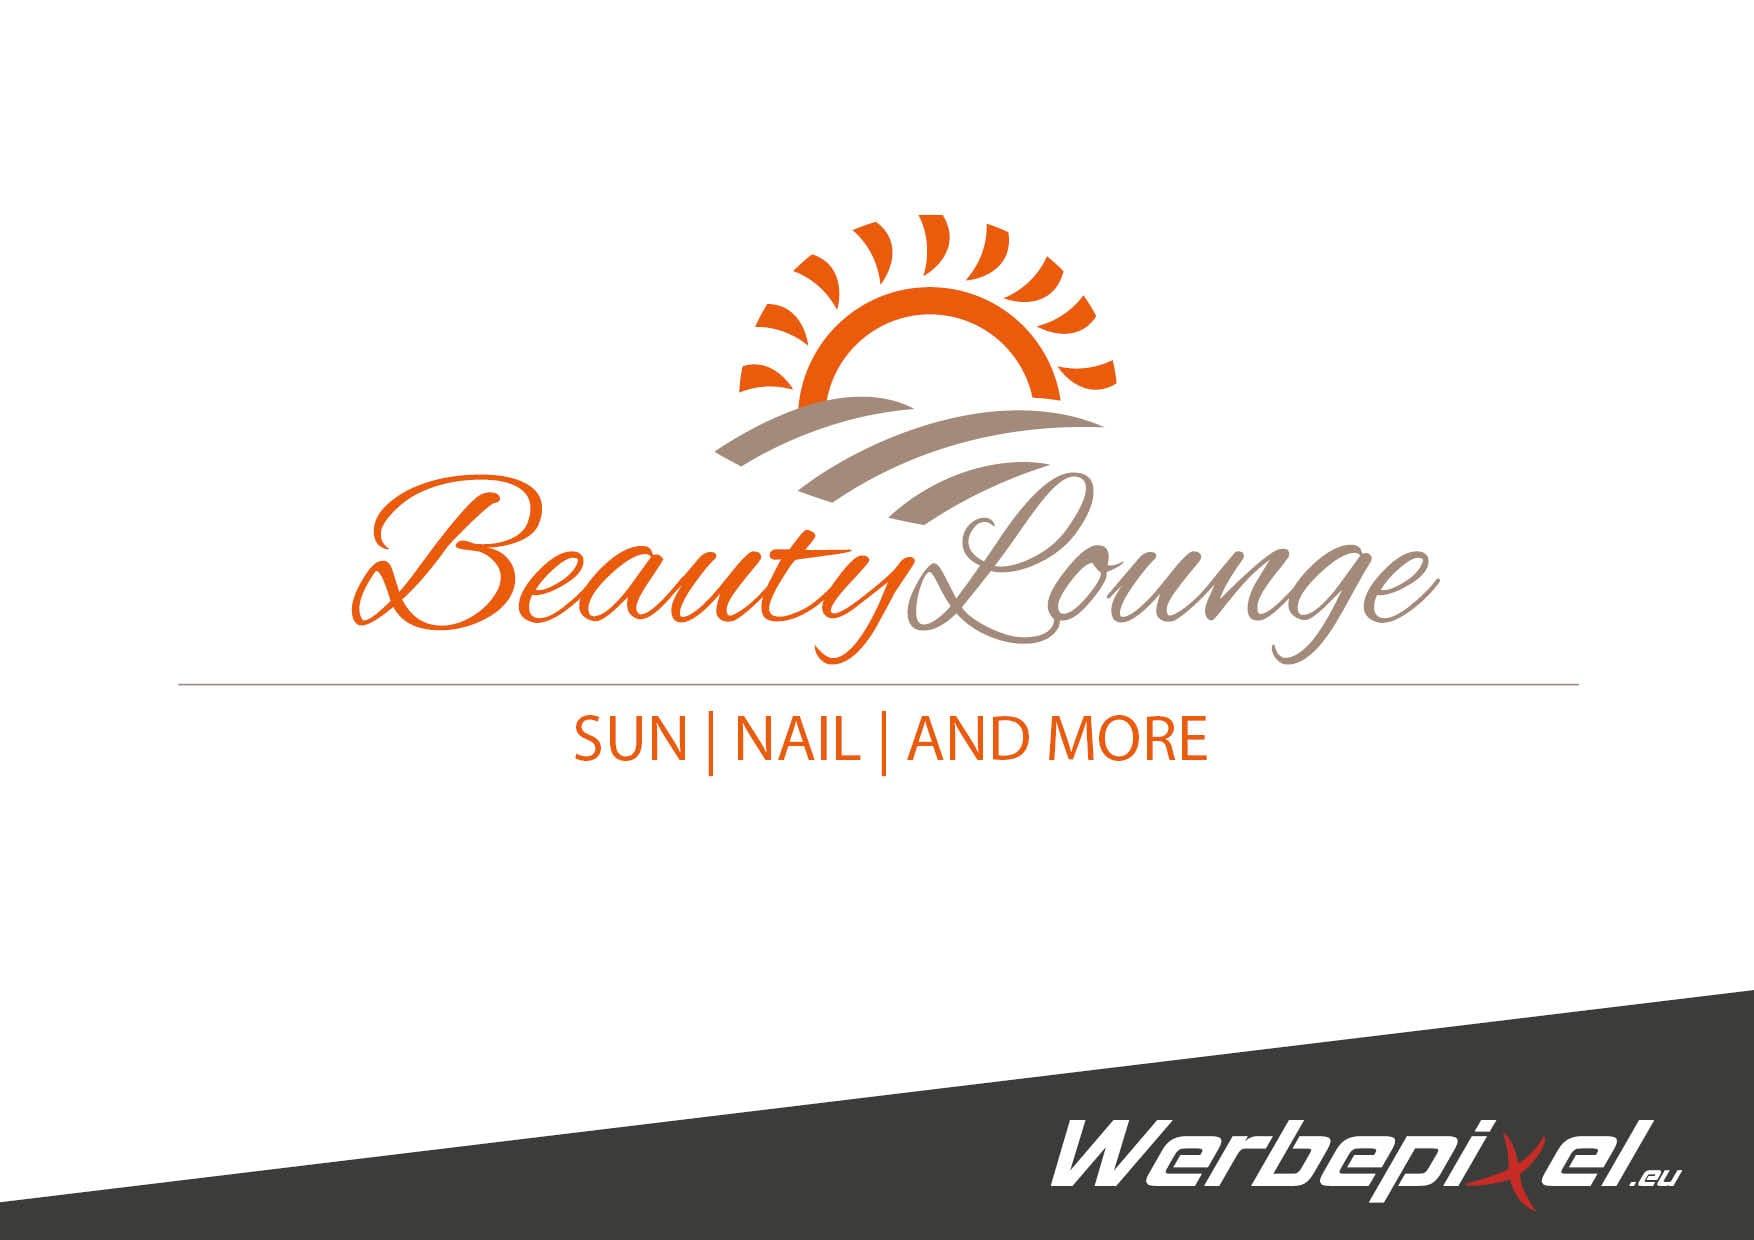 LogoBeautyLounge